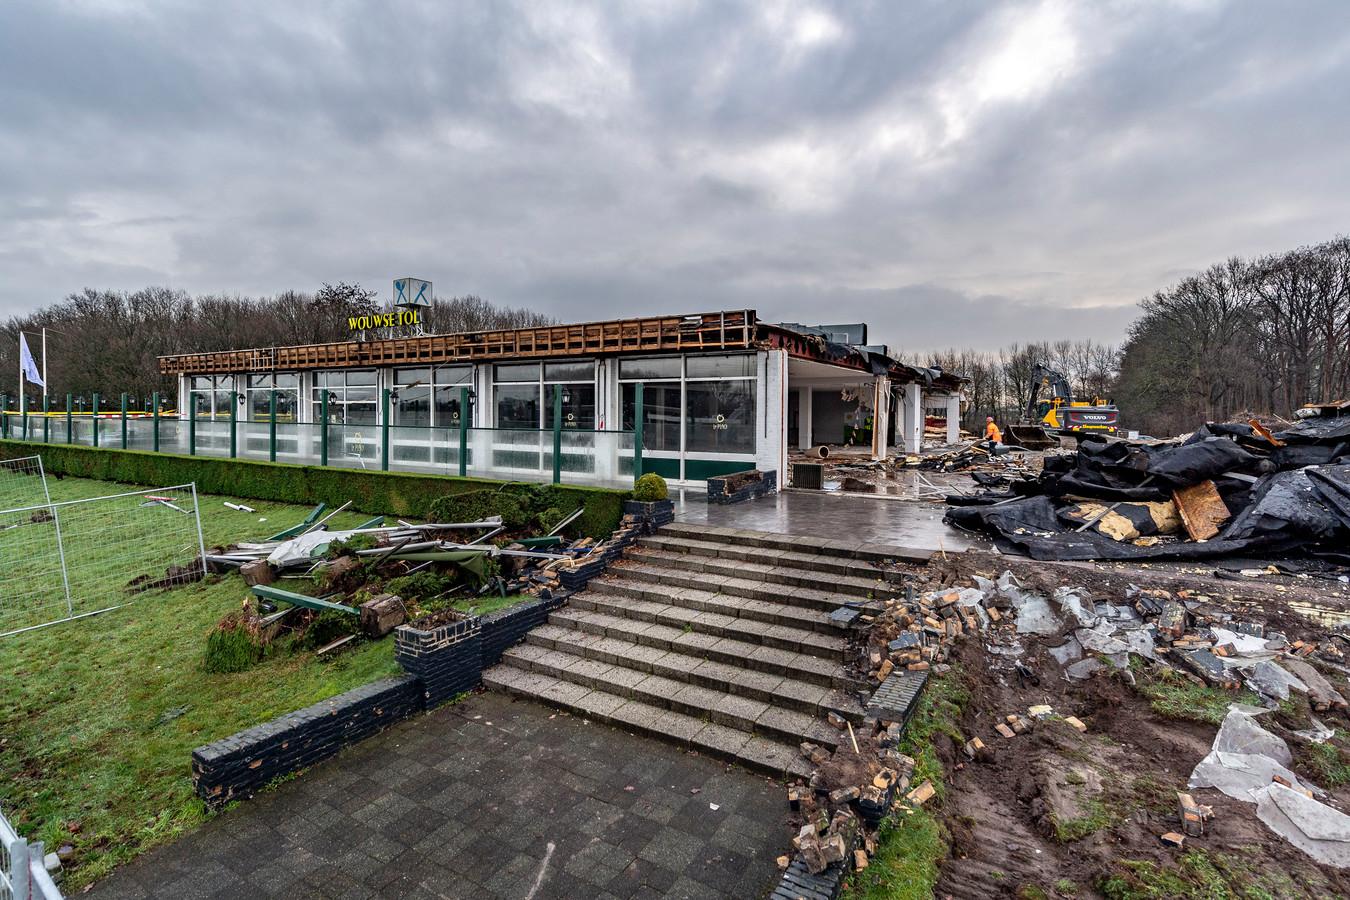 La Place langs de A58 bij Wouwse Tol wordt gesloopt.